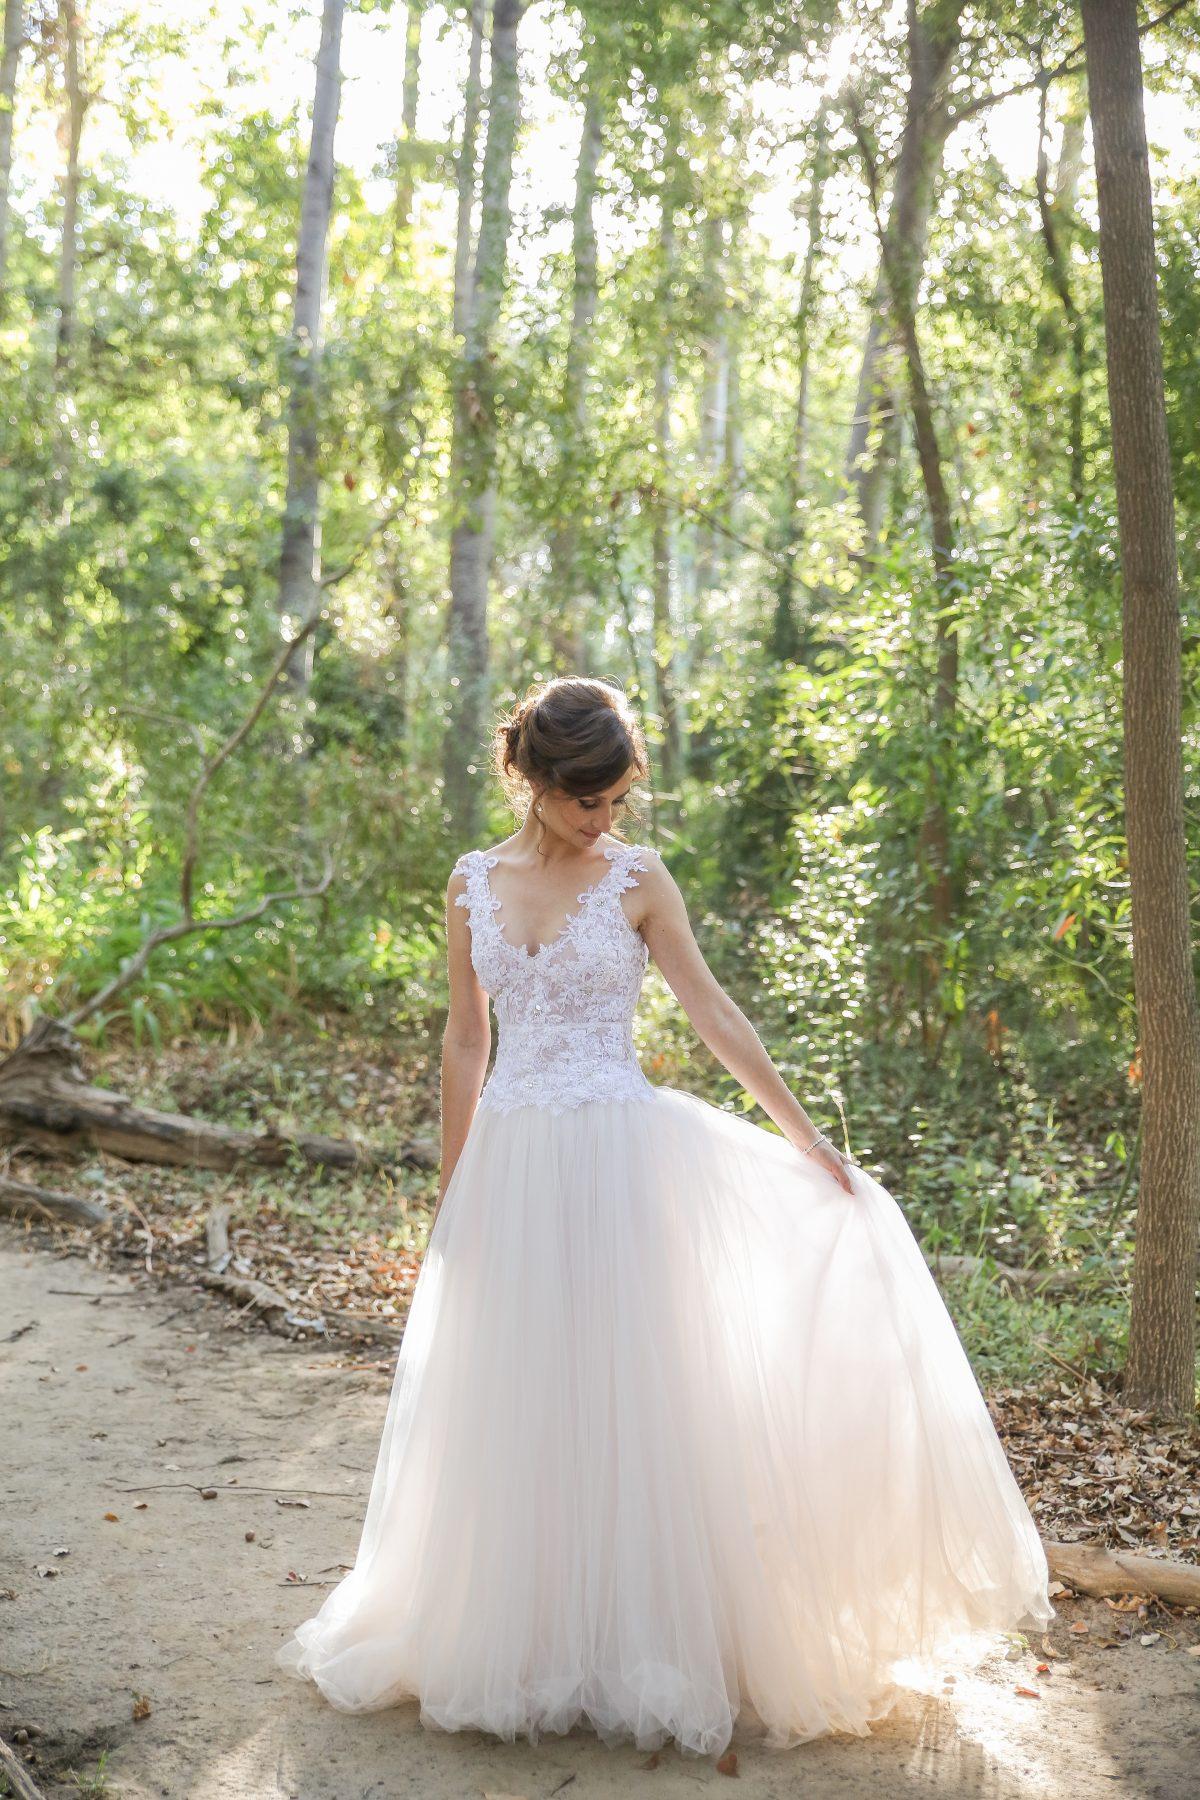 Zen-Mari Olivier | Alana van Heerden Wedding Gowns